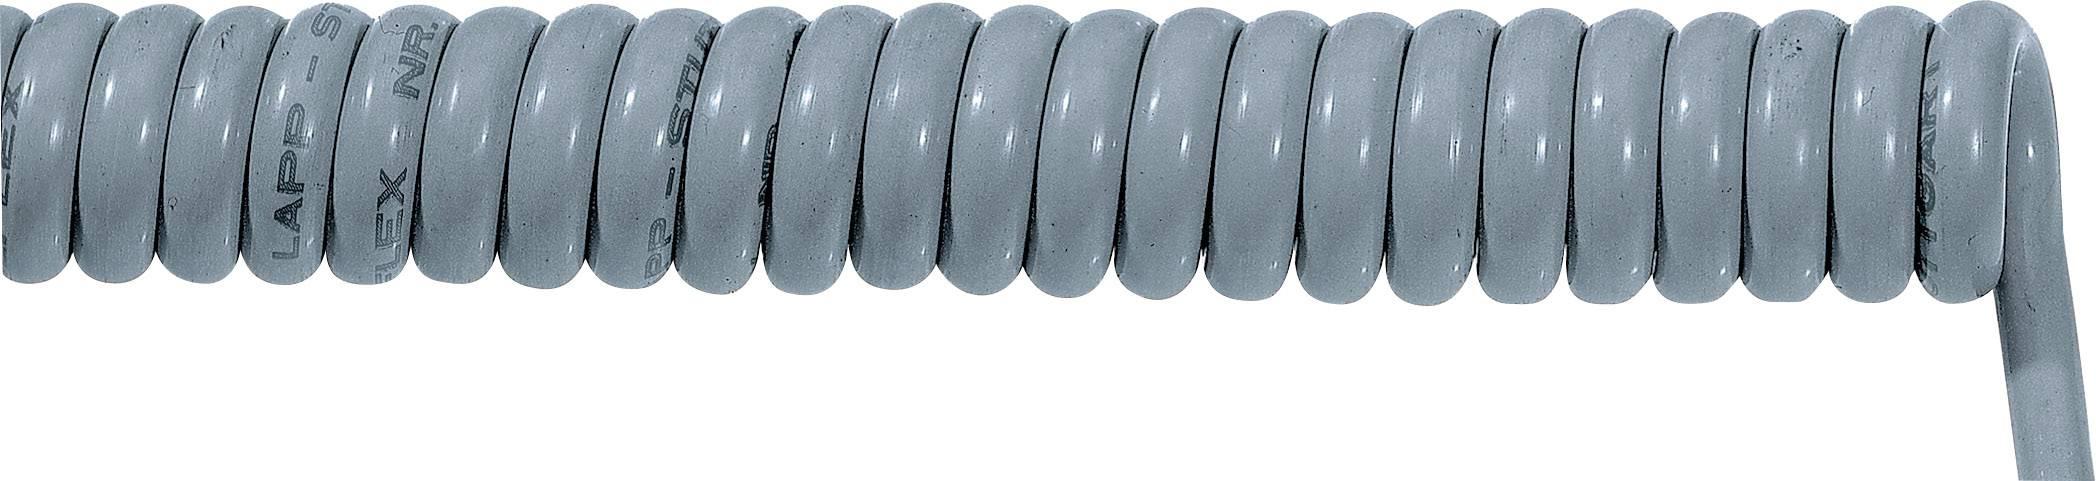 Špirálový kábel 70002682 ÖLFLEX® SPIRAL 400 P 2 x 1.50 mm², 1000 mm / 3000 mm, sivá